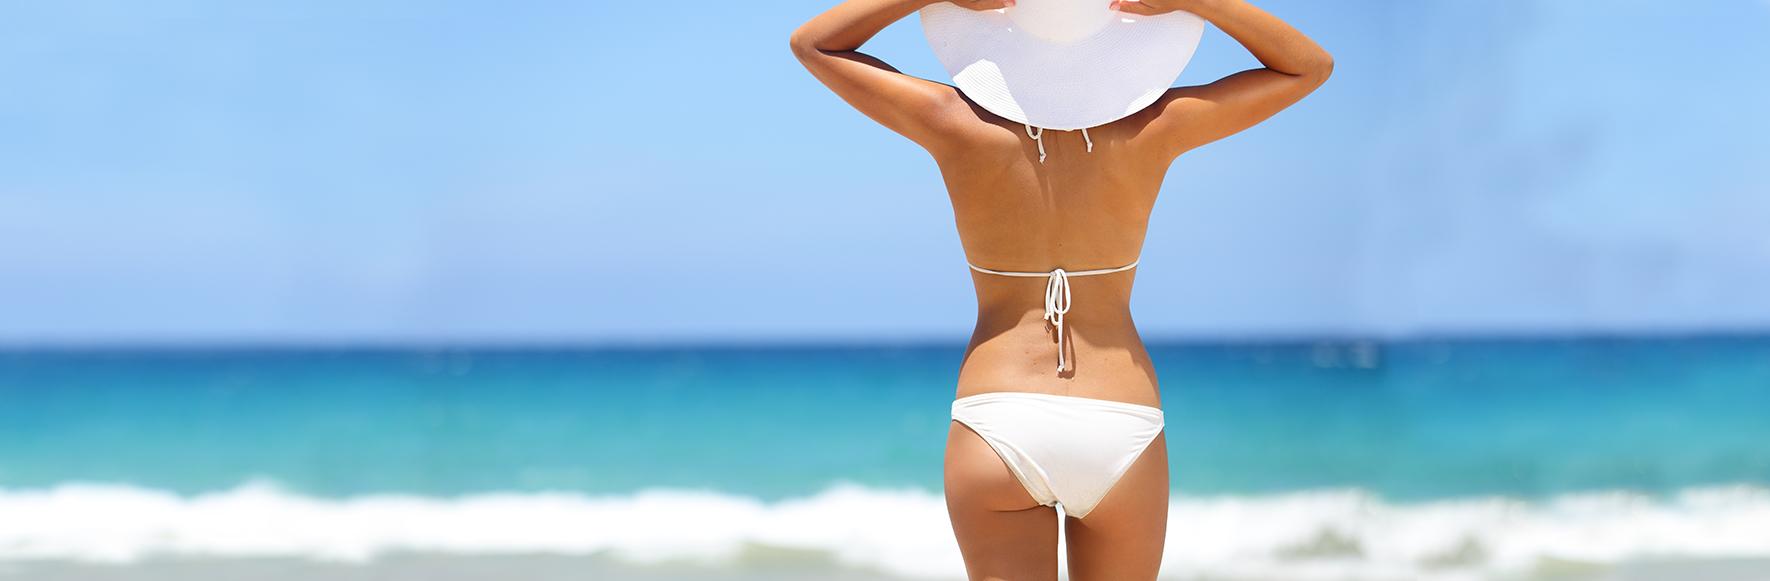 slider-white-bikini